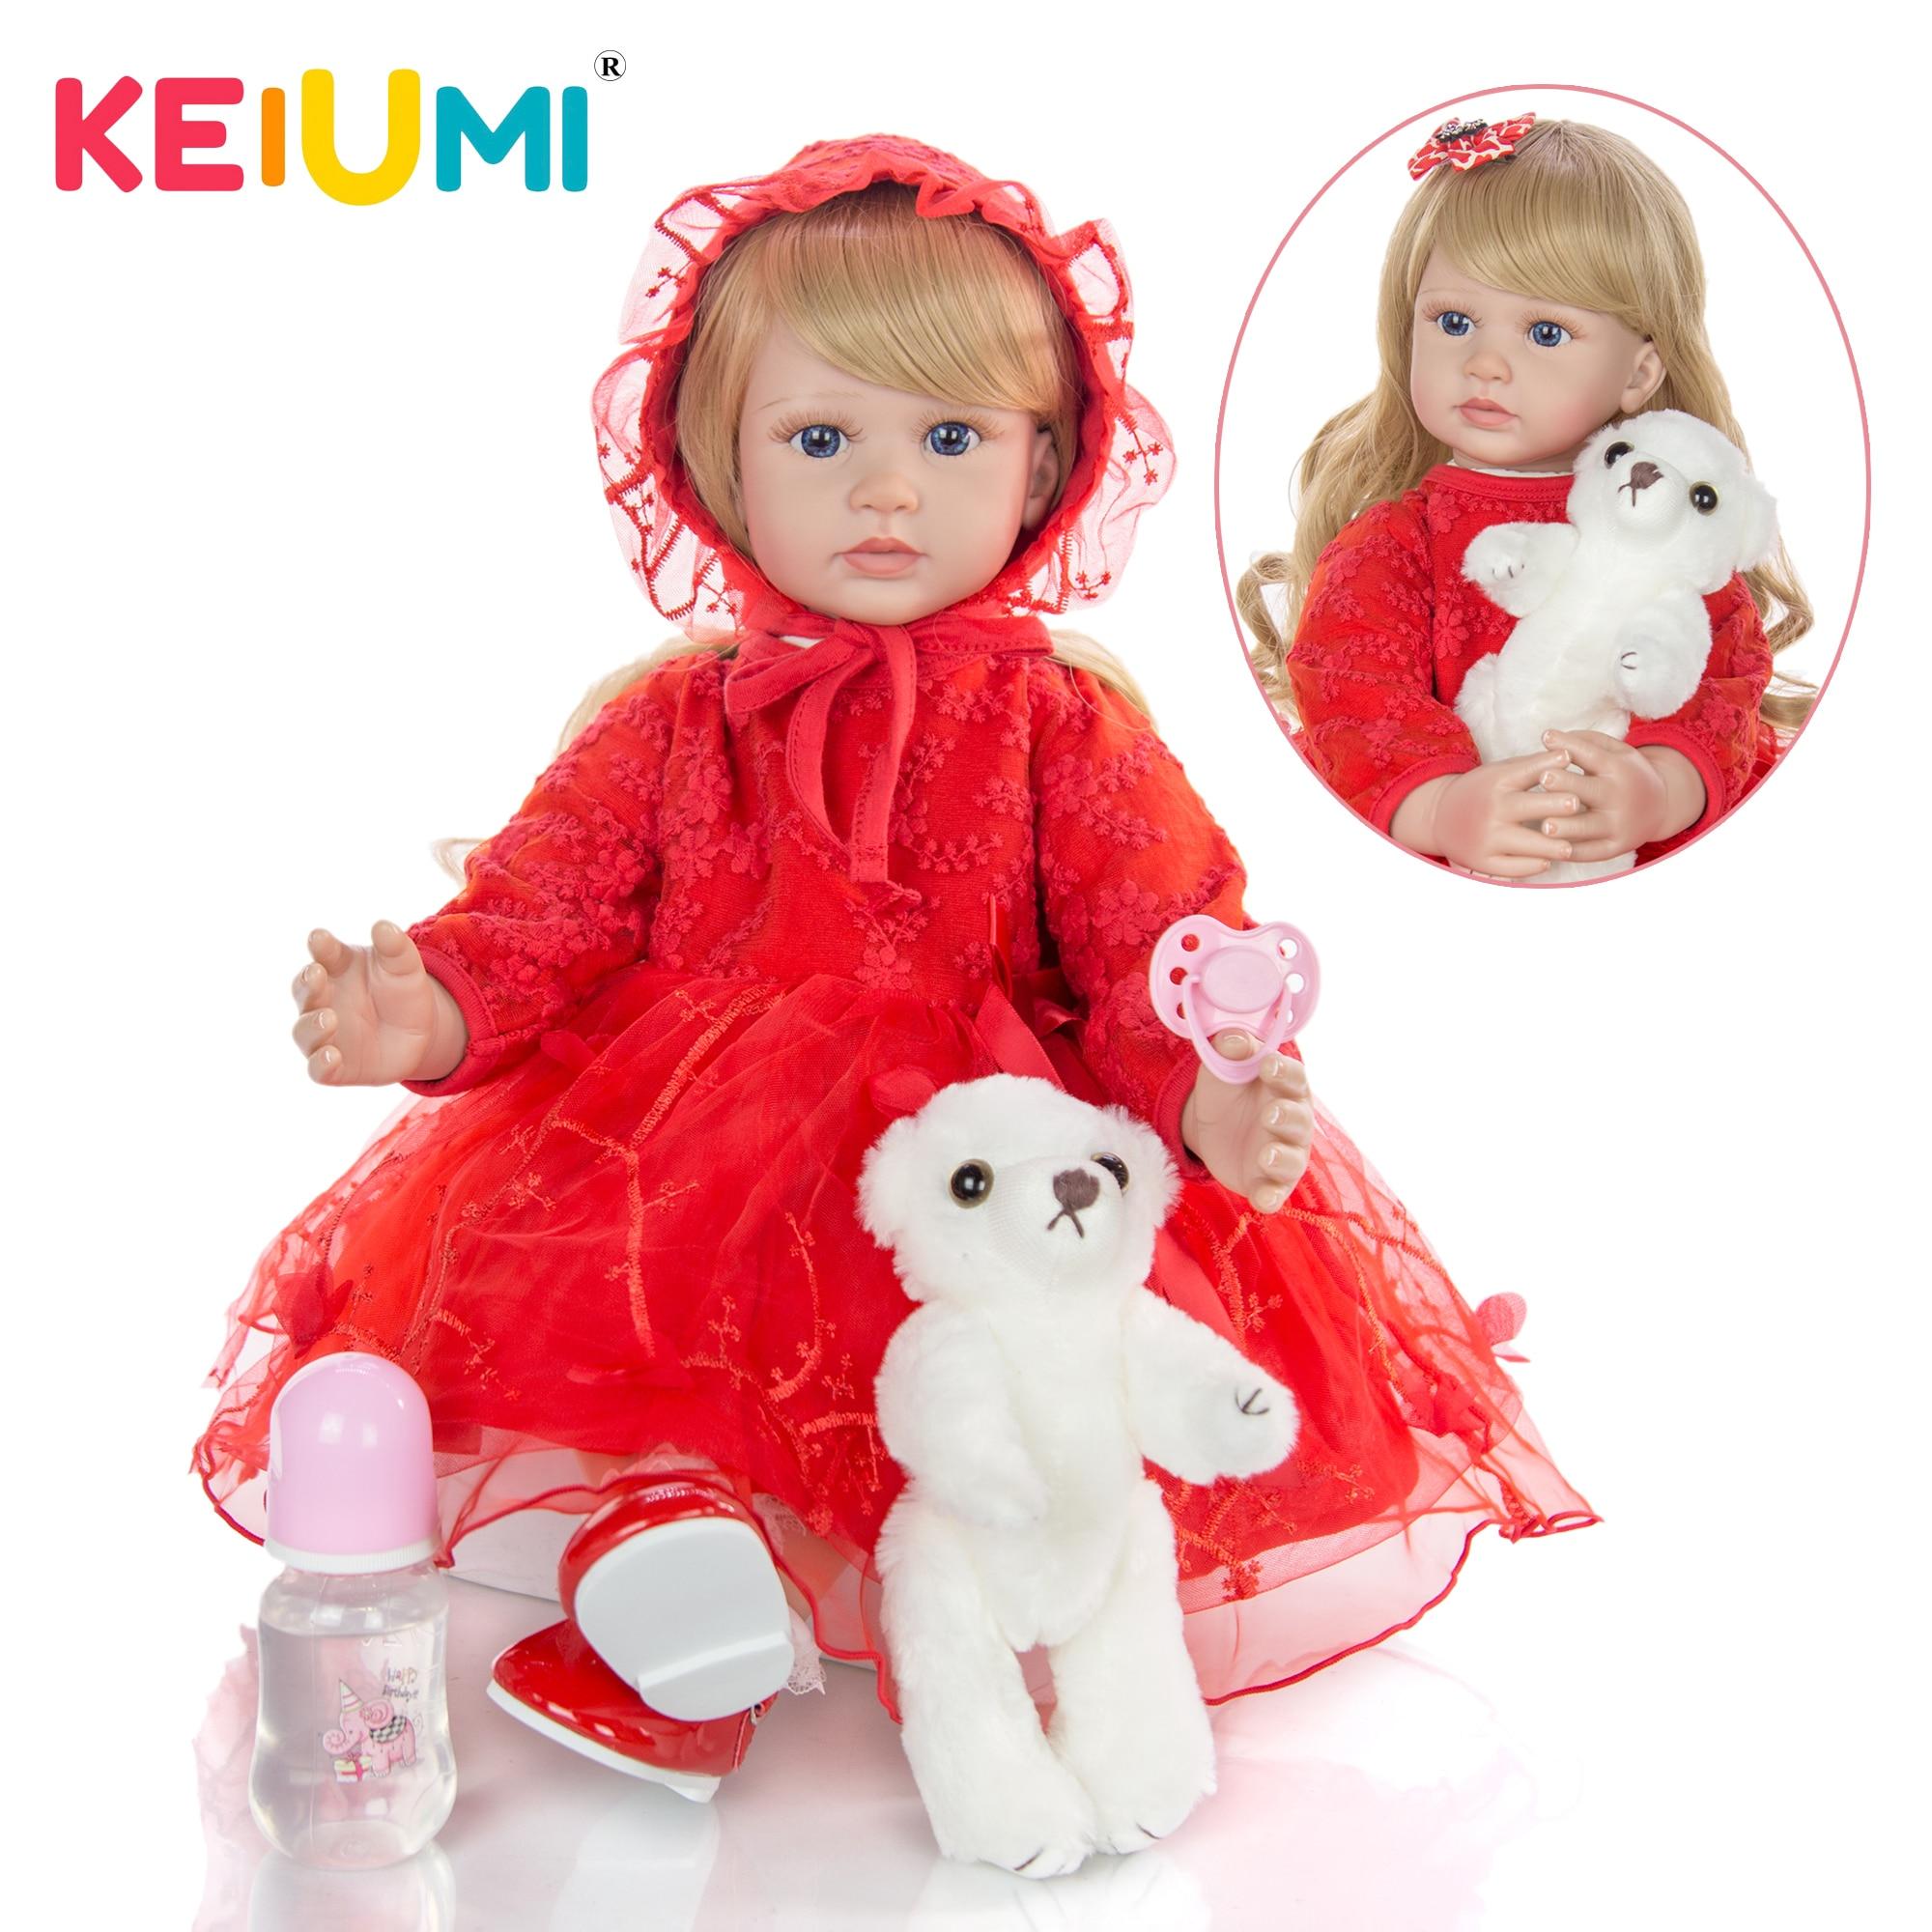 KEIUMI belles longues boucles en or renaissent bébé fille poupées corps en tissu doux 60 cm poupées ethniques pour fille cadeaux de fête des enfants